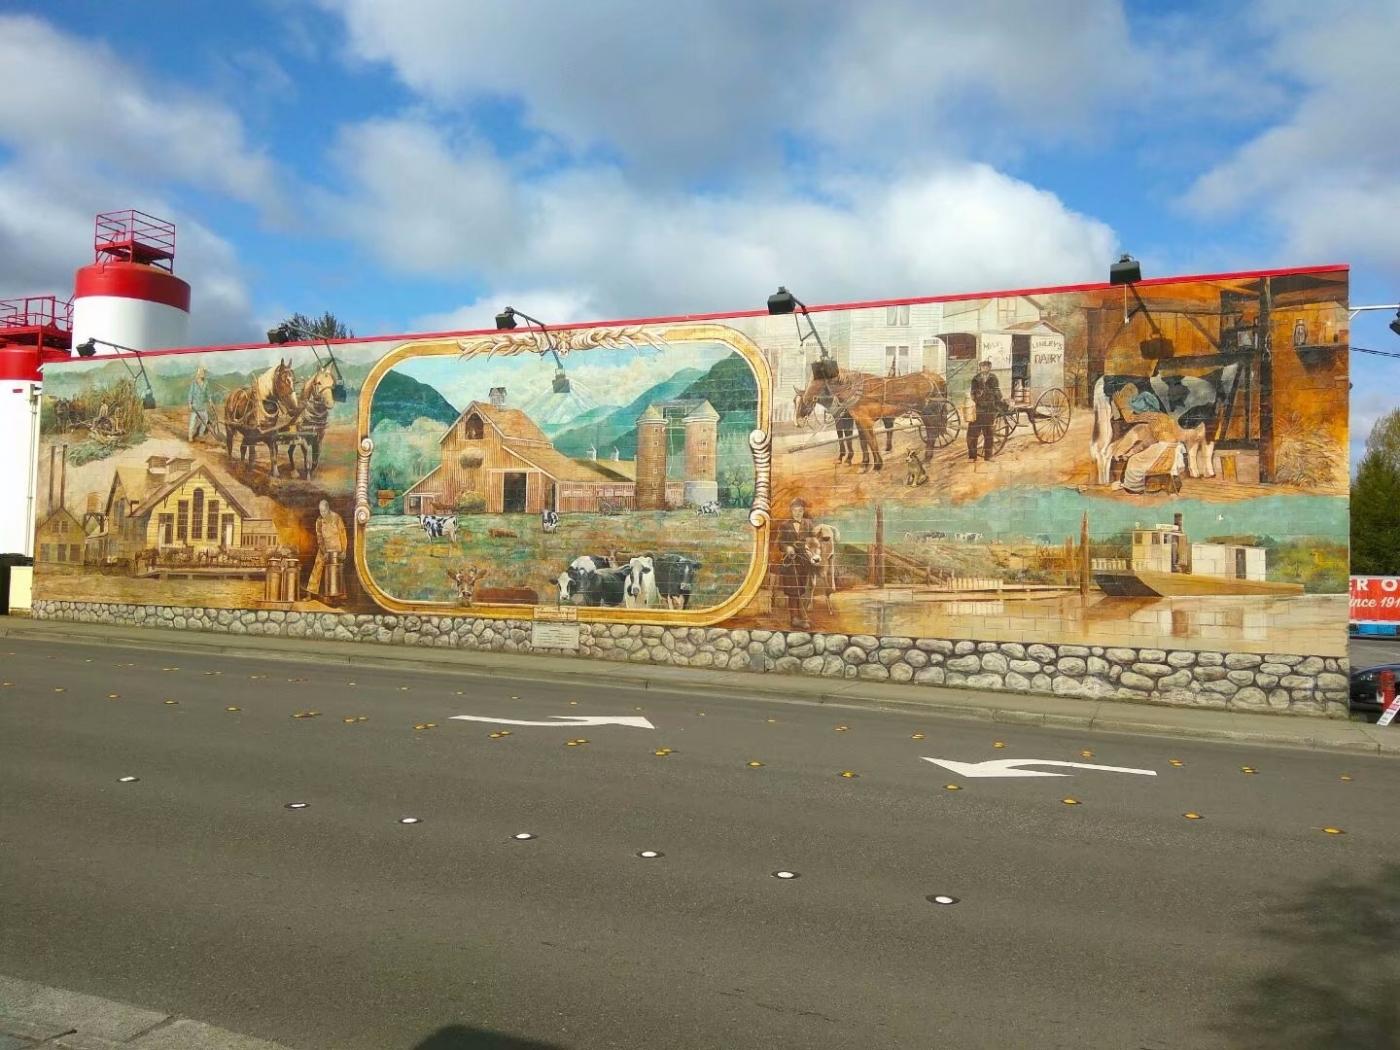 美国小镇街边壁画(图)_图1-10